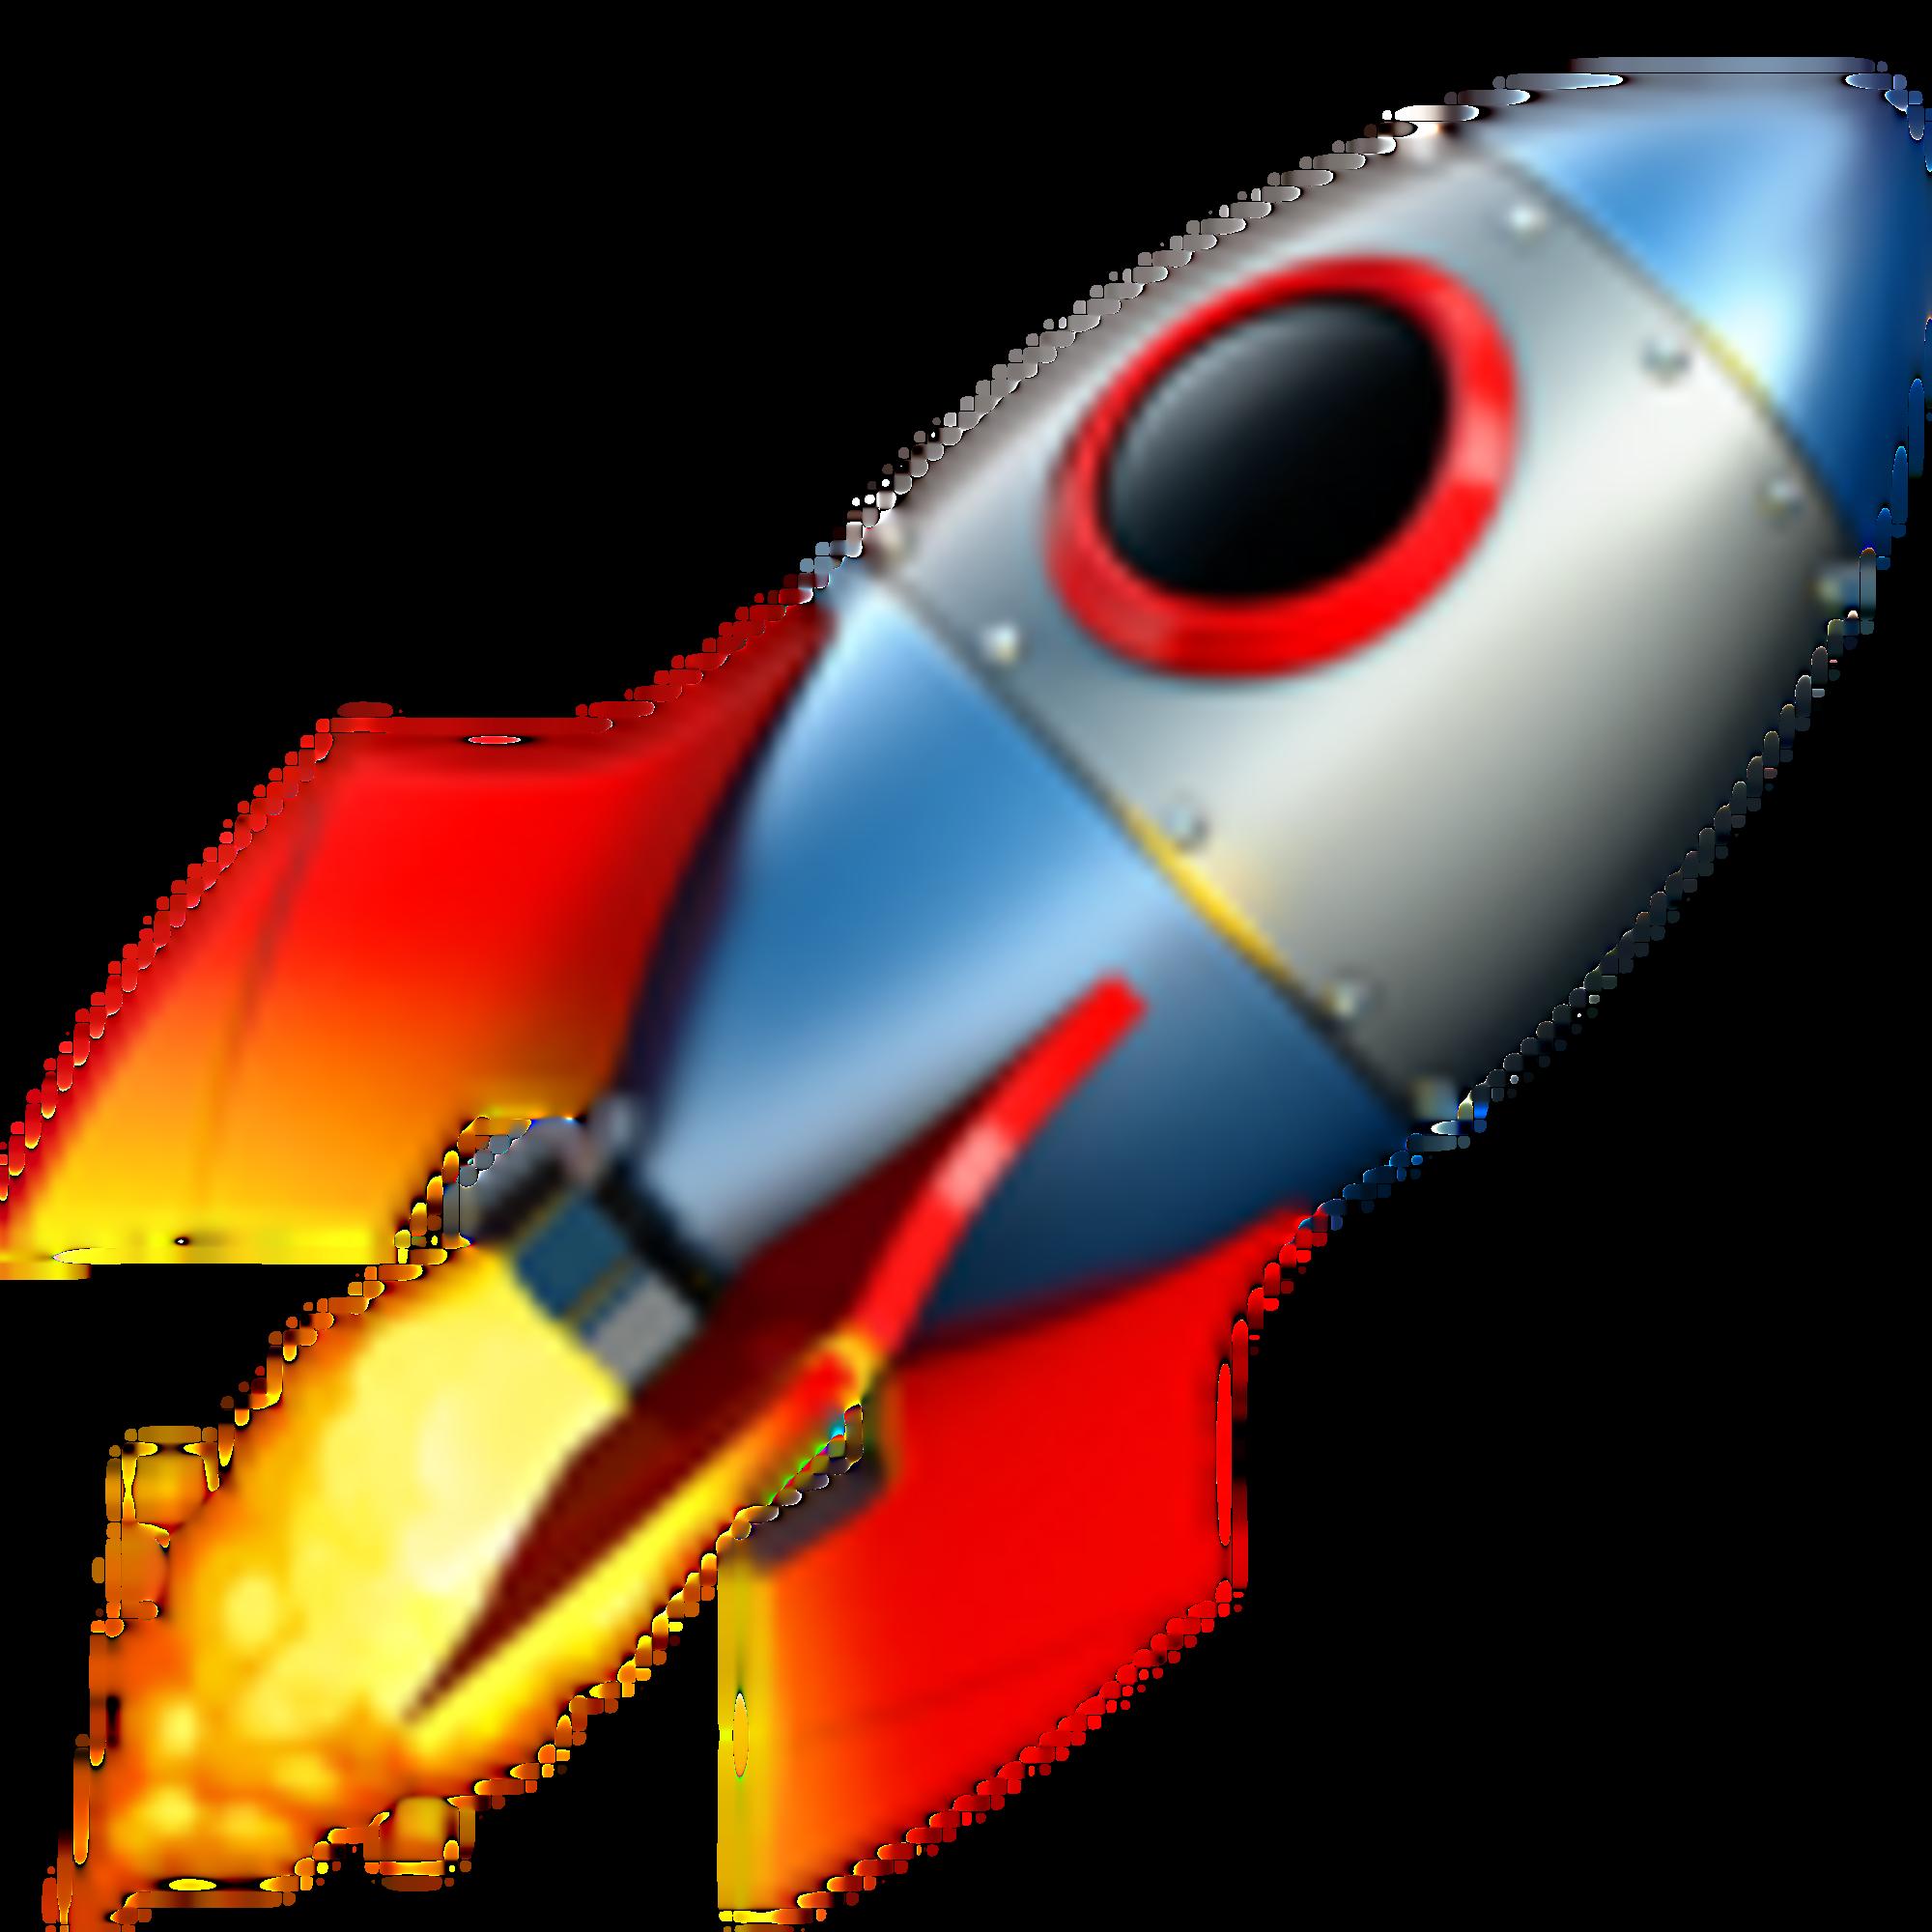 rocket_1f680.png